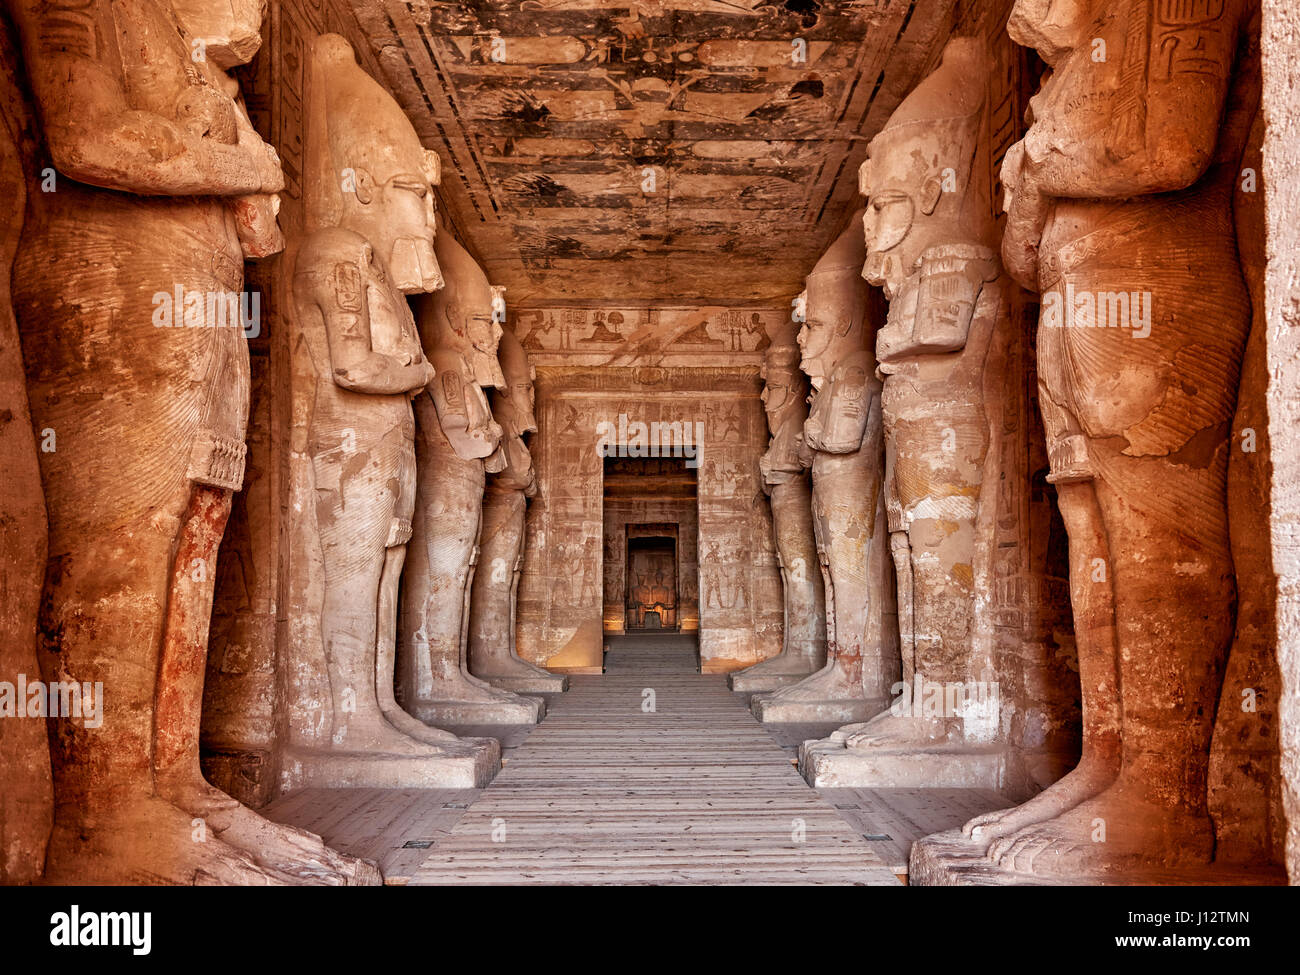 tourn l 39 int rieur de statues du grand temple de rams s ii abou simbel temples l 39 egypte. Black Bedroom Furniture Sets. Home Design Ideas